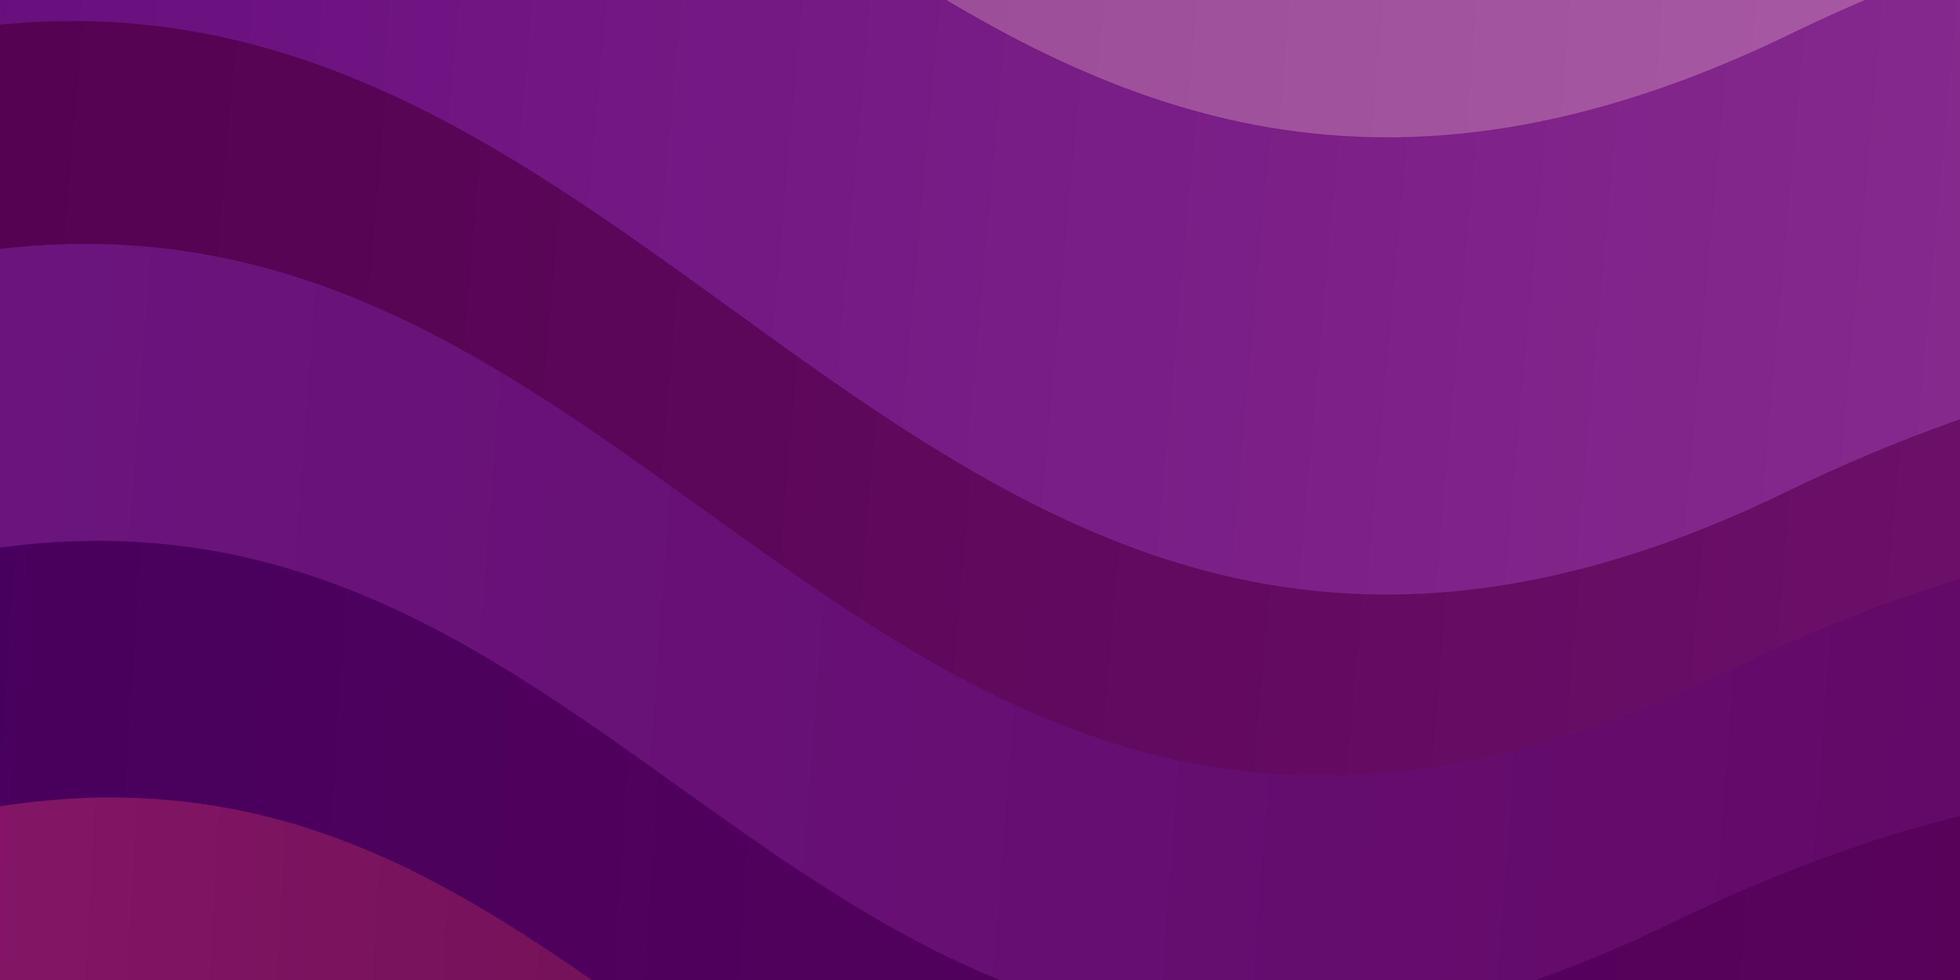 viola chiaro, sfondo rosa con linee. vettore